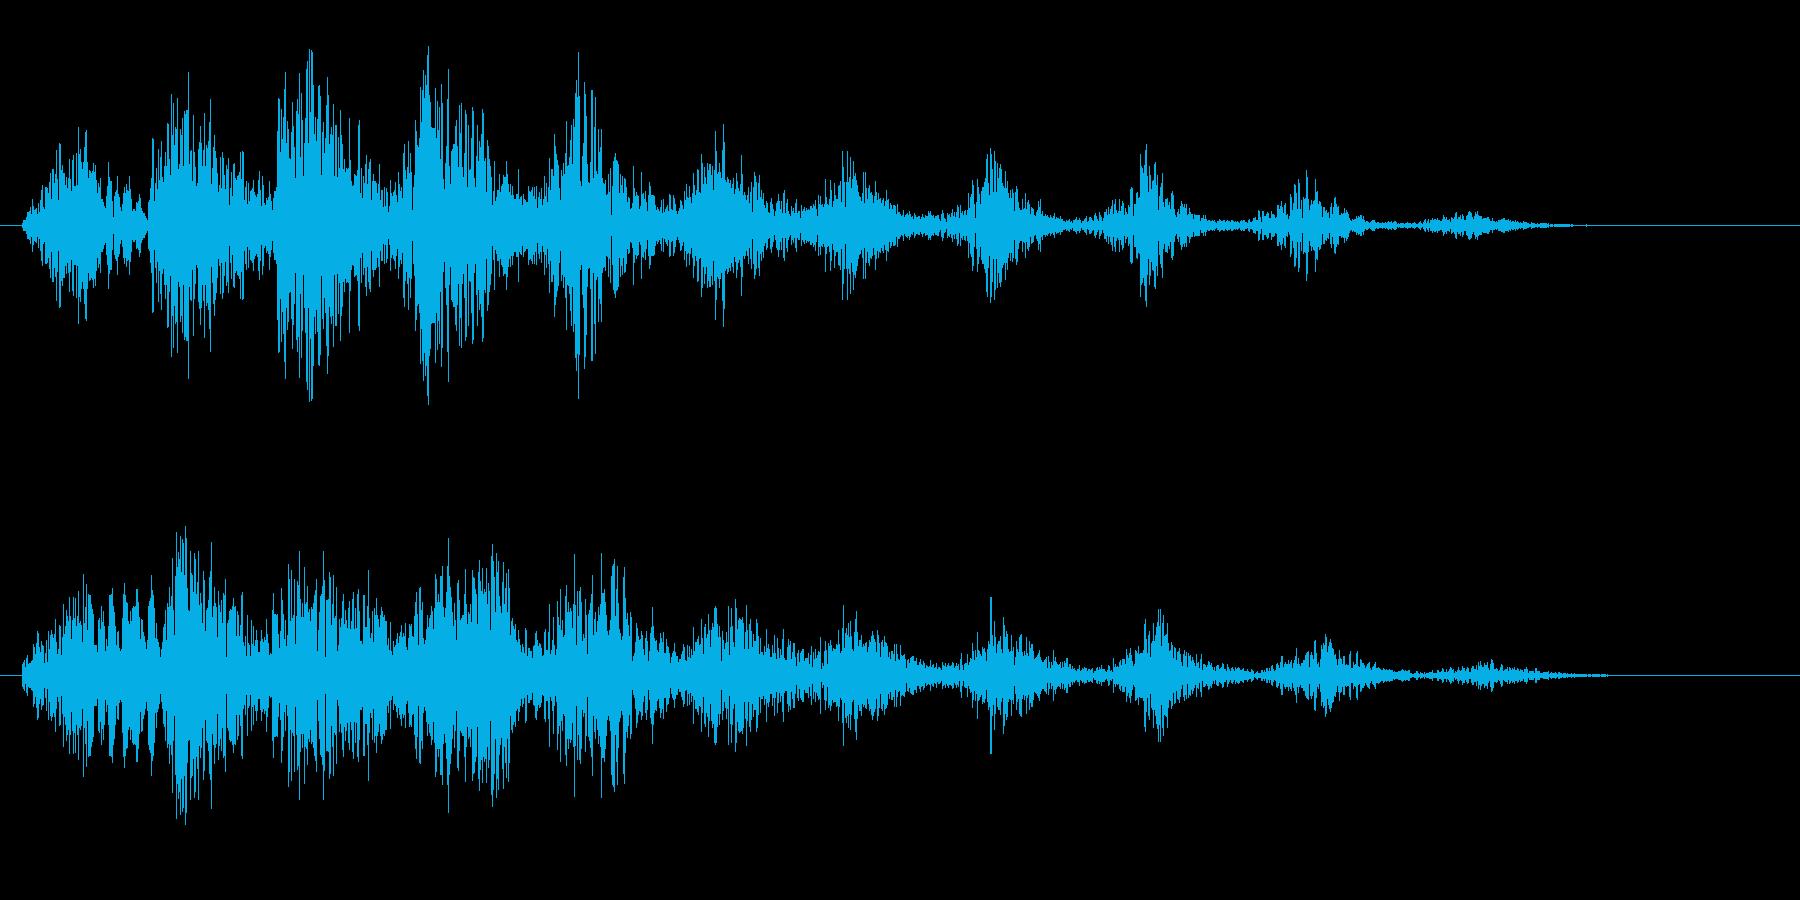 笑い声(無機質、宇宙人、コミカル)の再生済みの波形